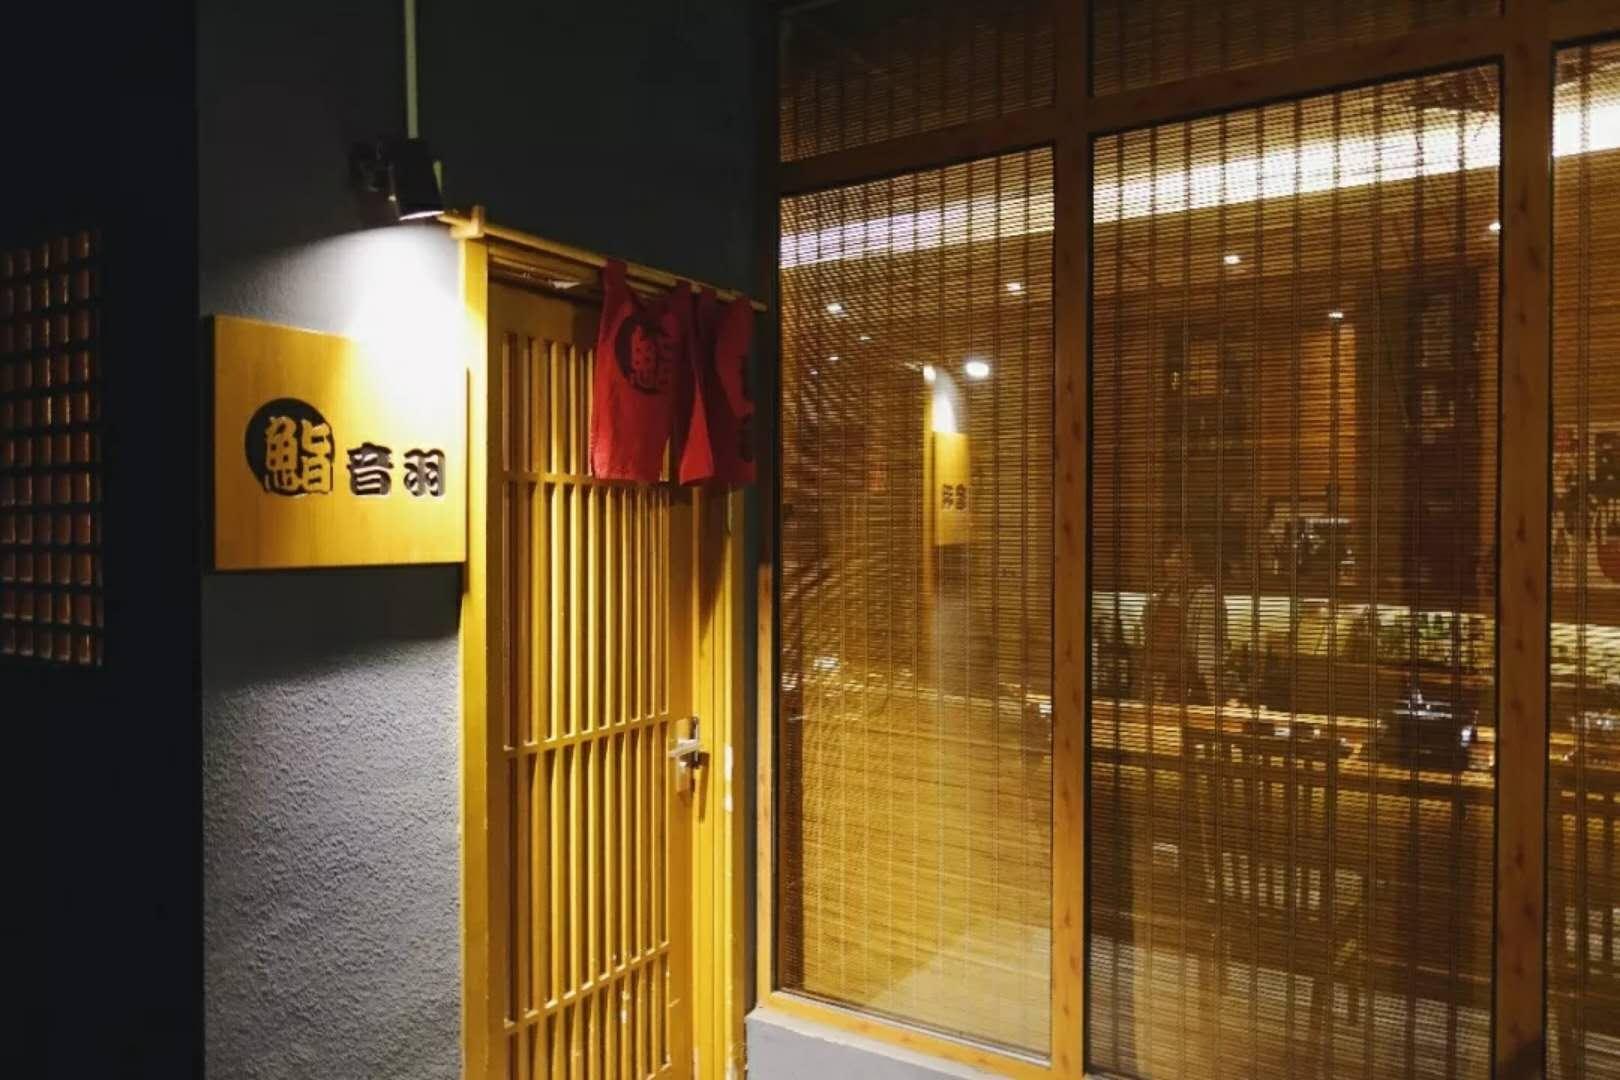 北京不容错过的5家创意料理